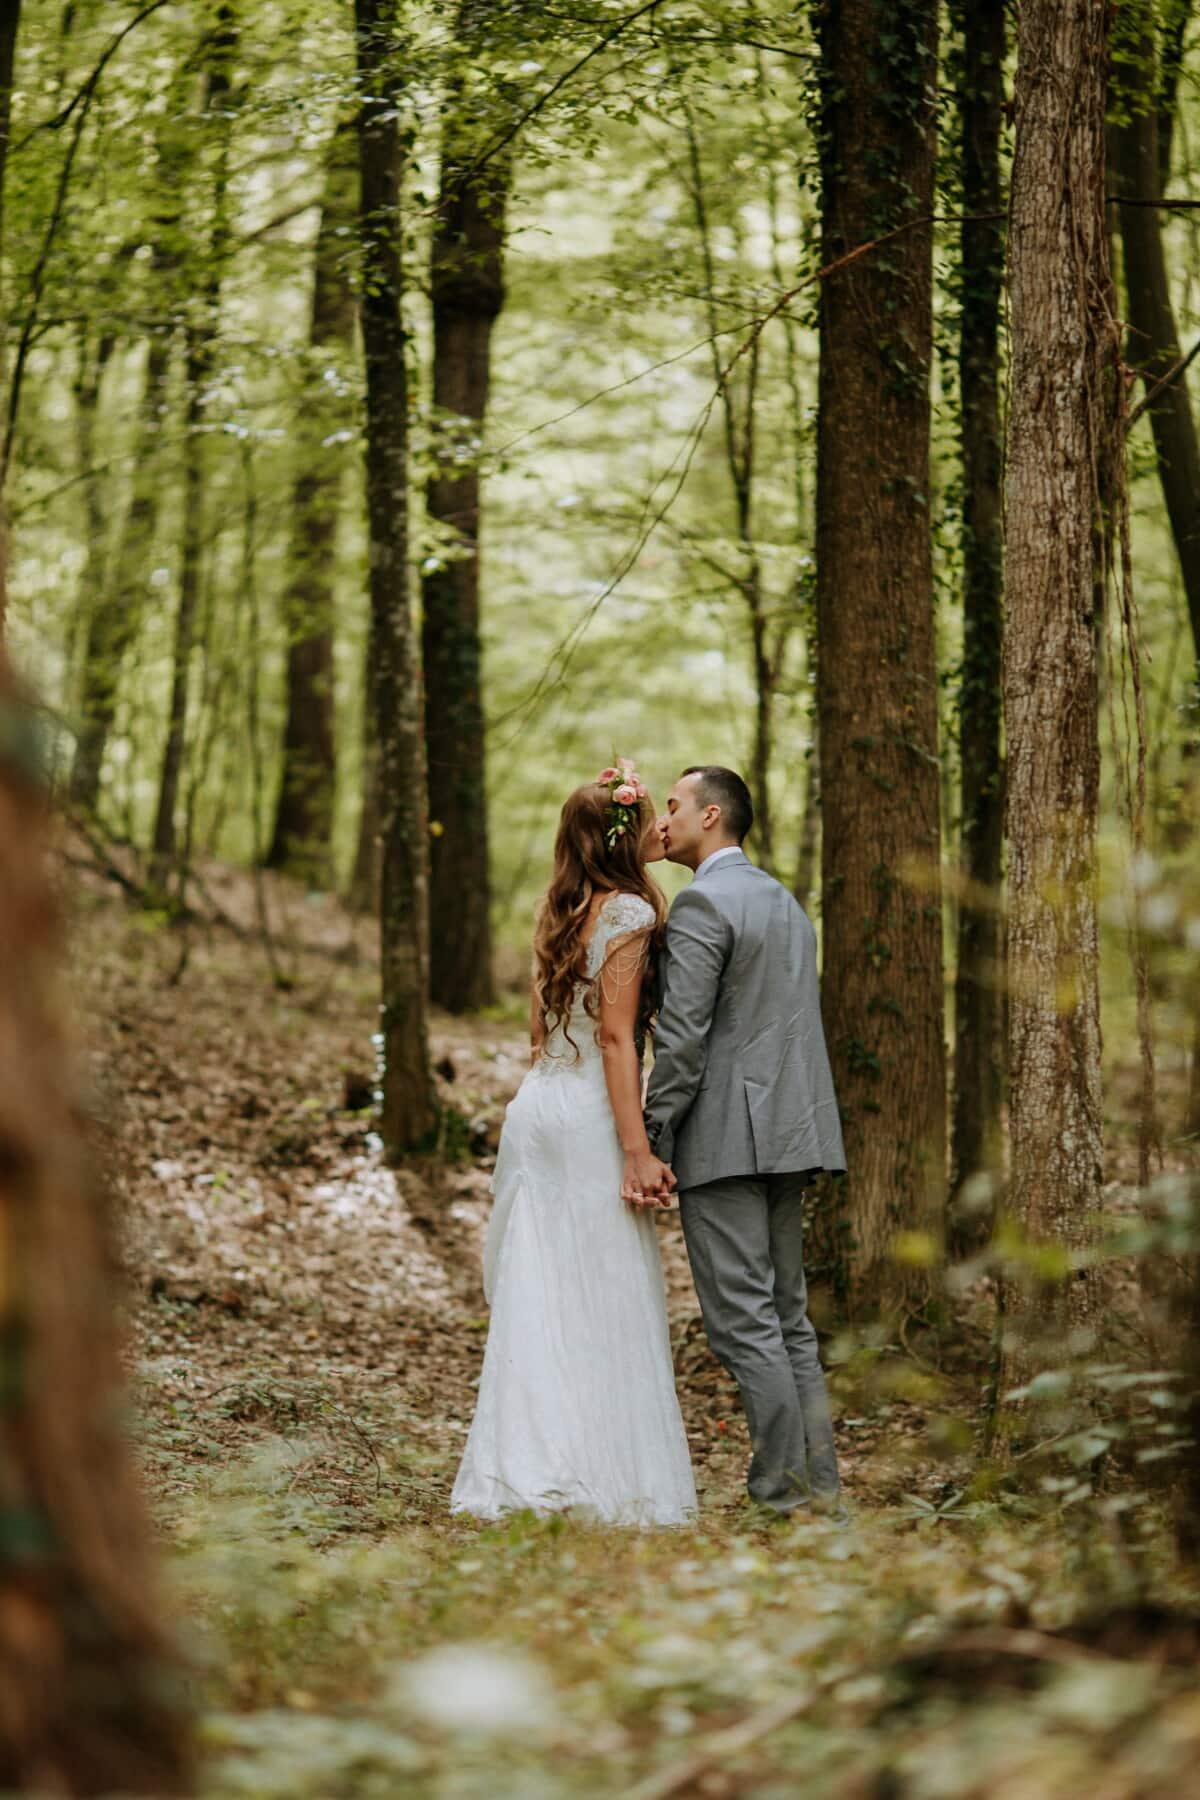 jeune marié, baiser, la mariée, une randonnée, forêt, bois, amour, nature, couple, mariage